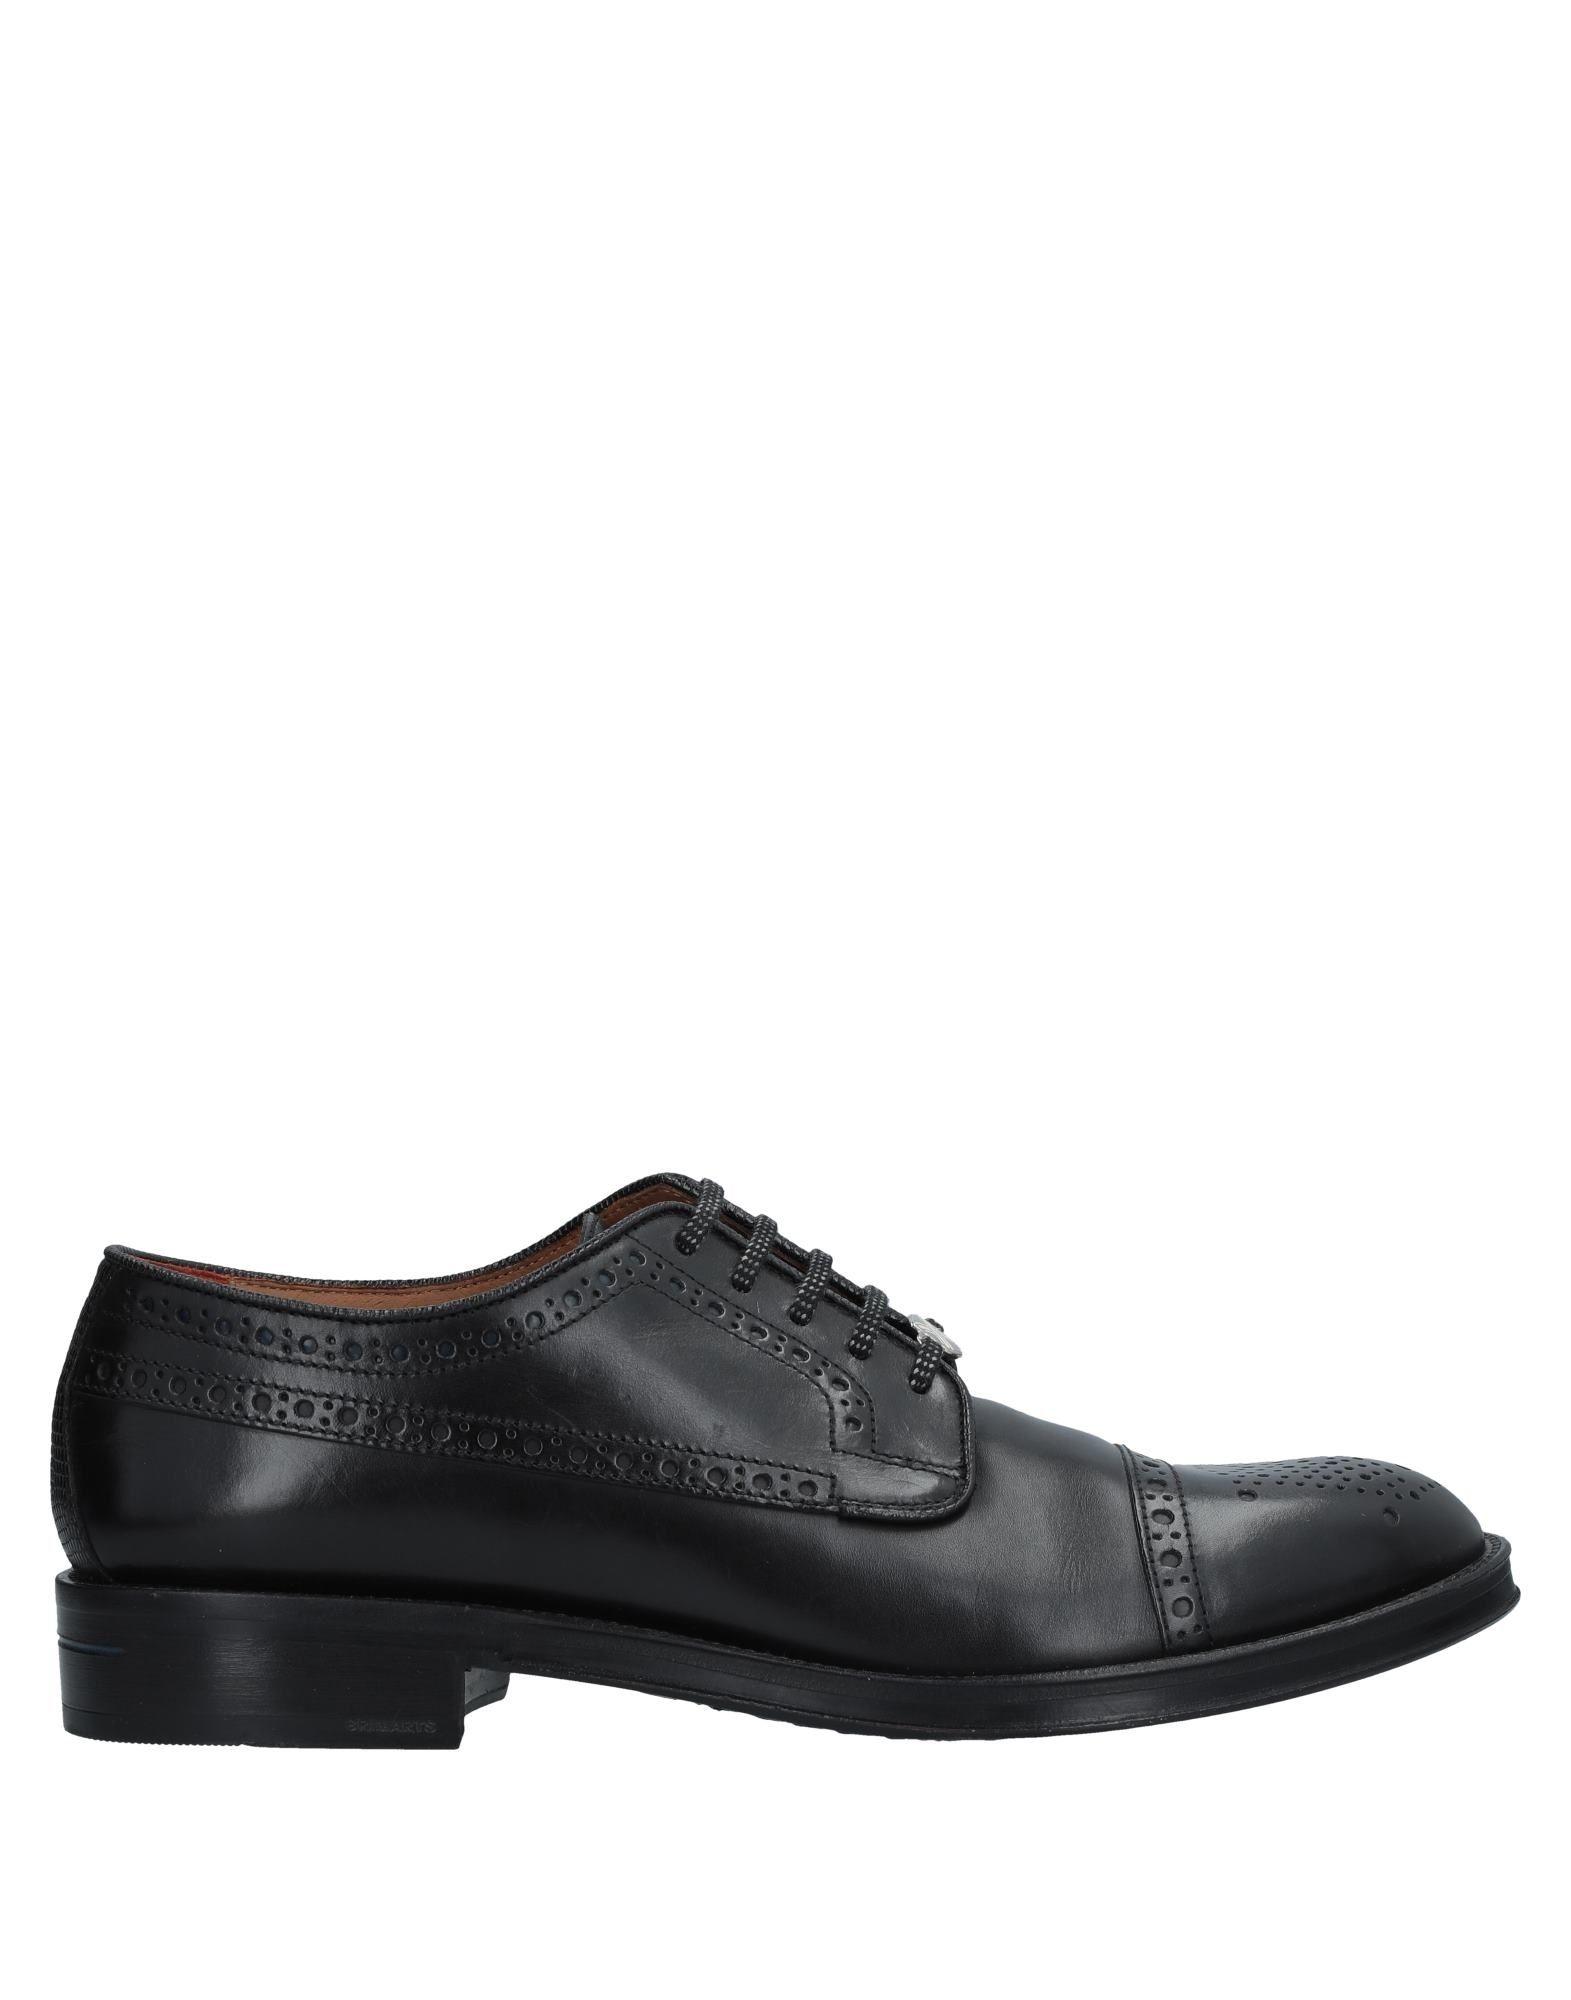 11325552FE Internationalist Nike Gute Schuhe beliebte